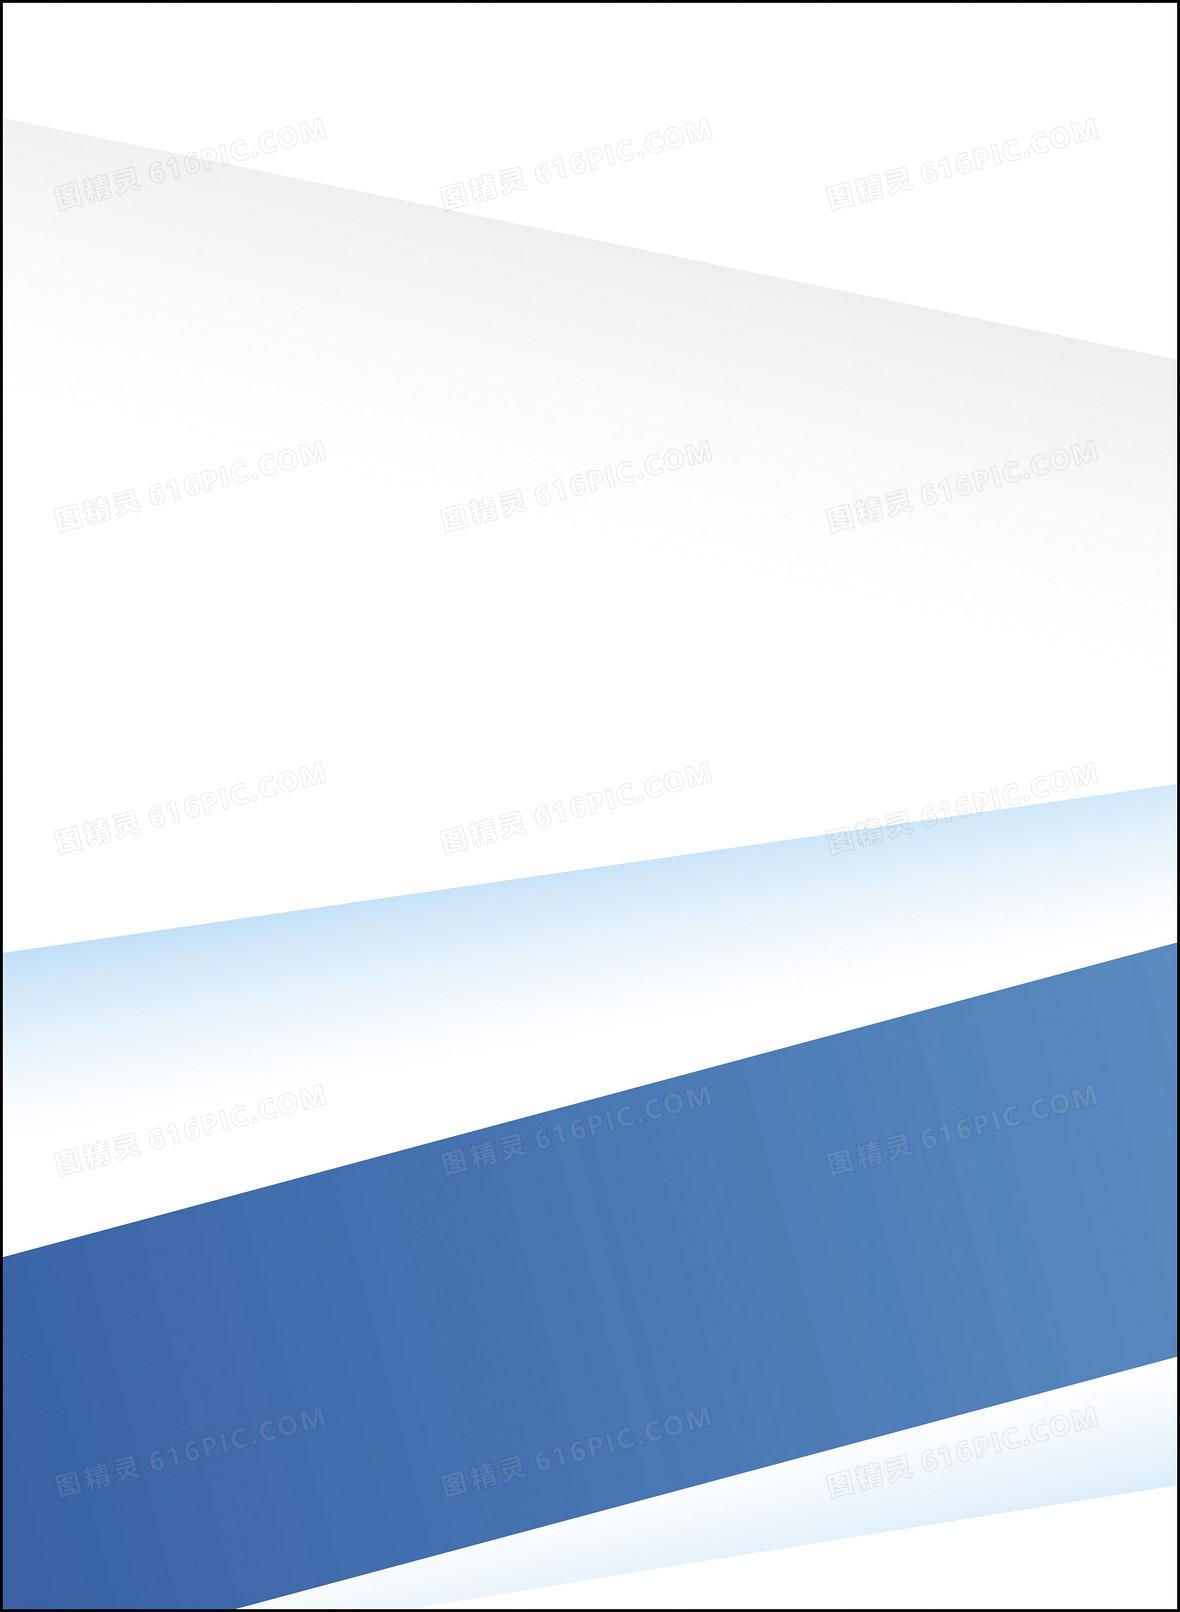 数字人物建筑数学封面背景图片